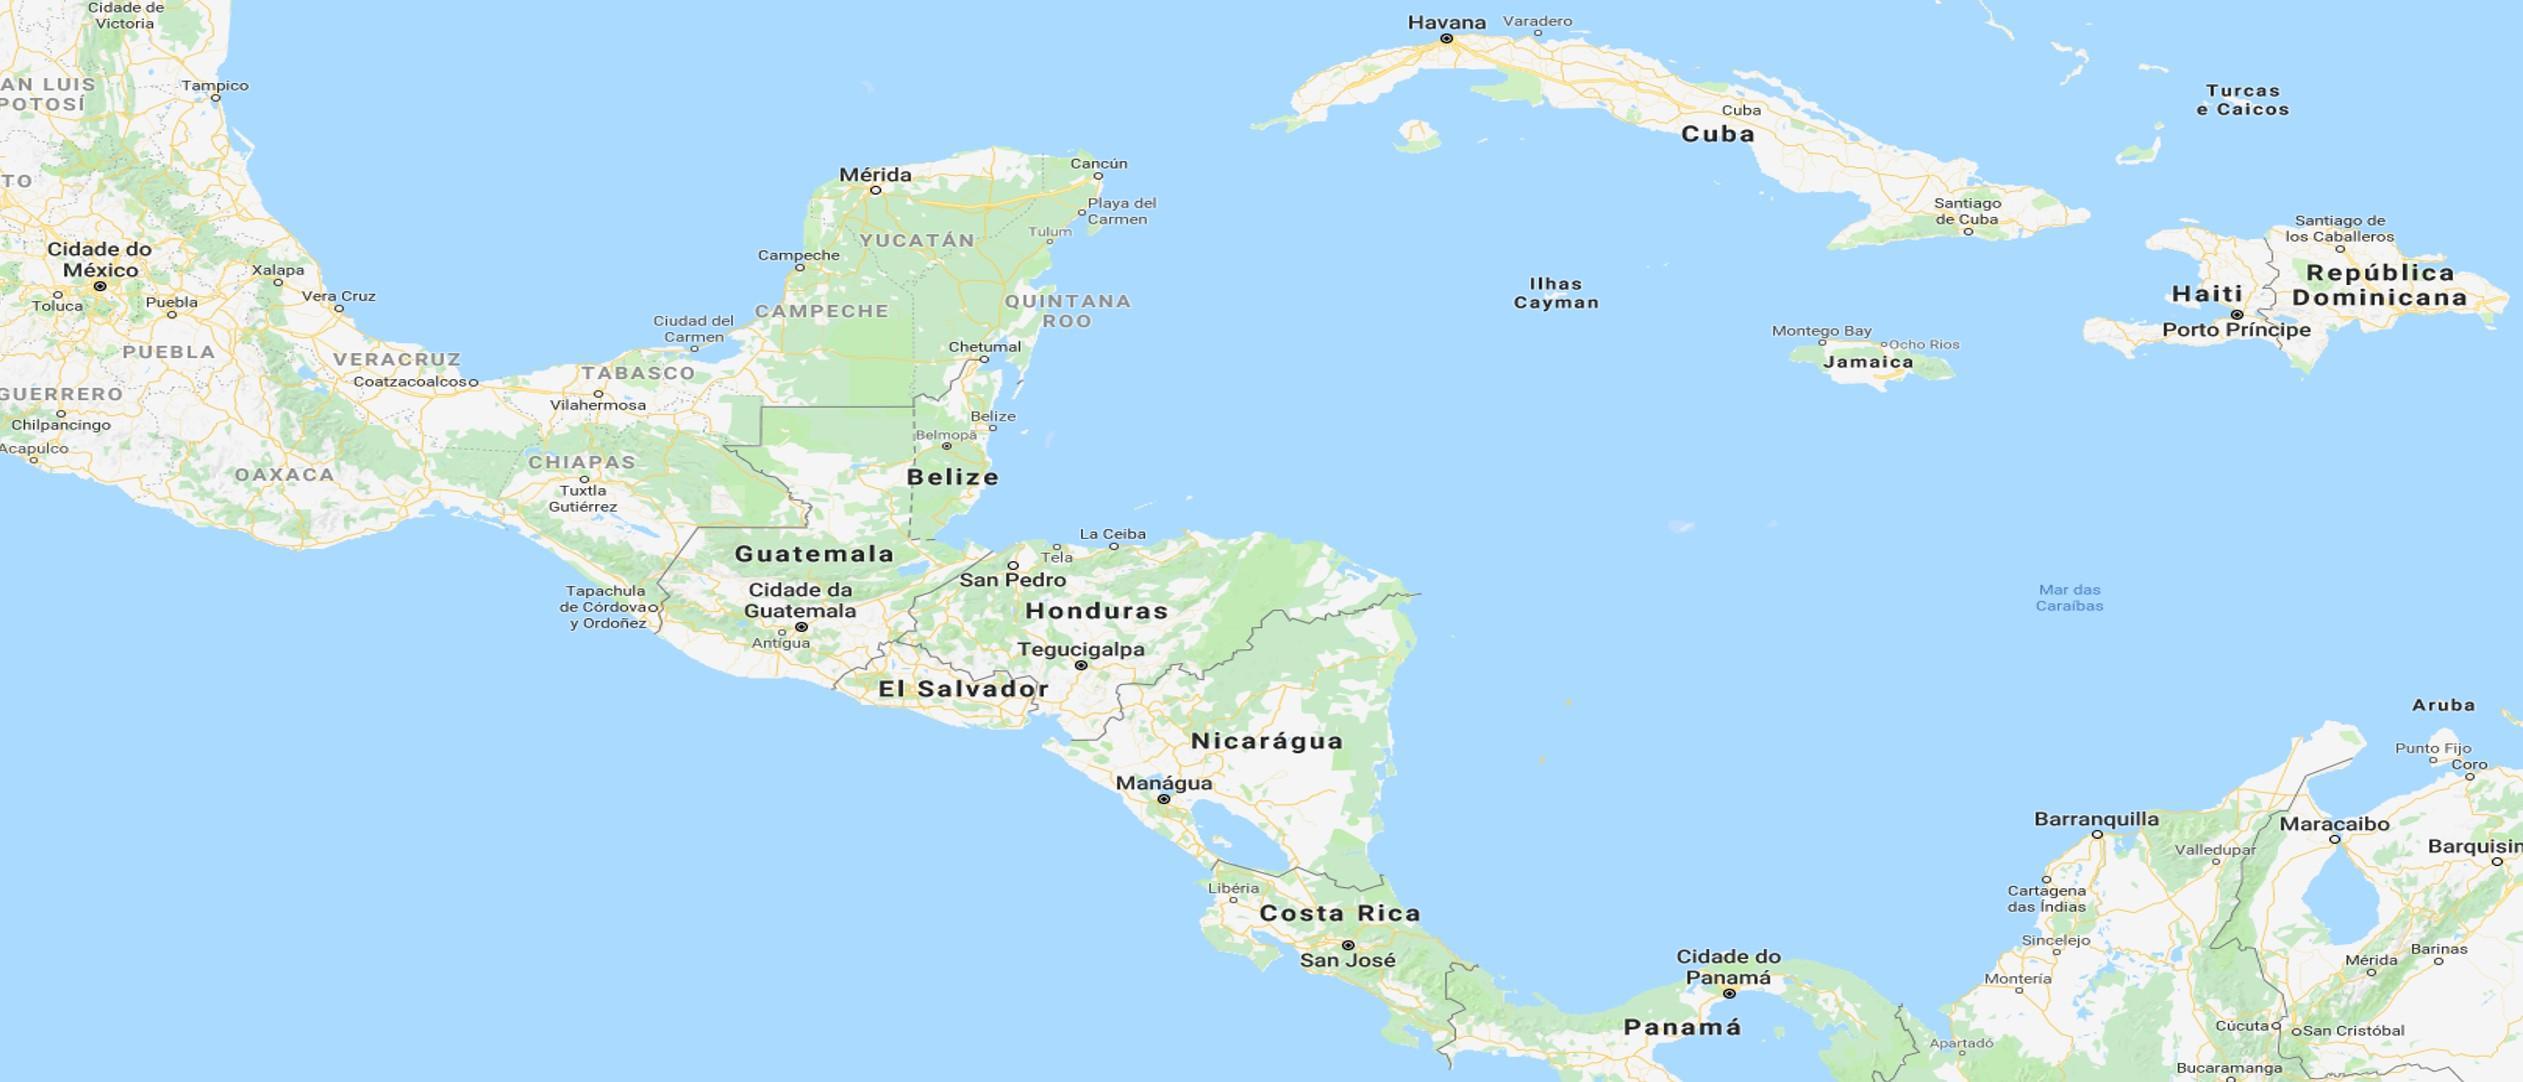 Mapa Mar das Caraíbas